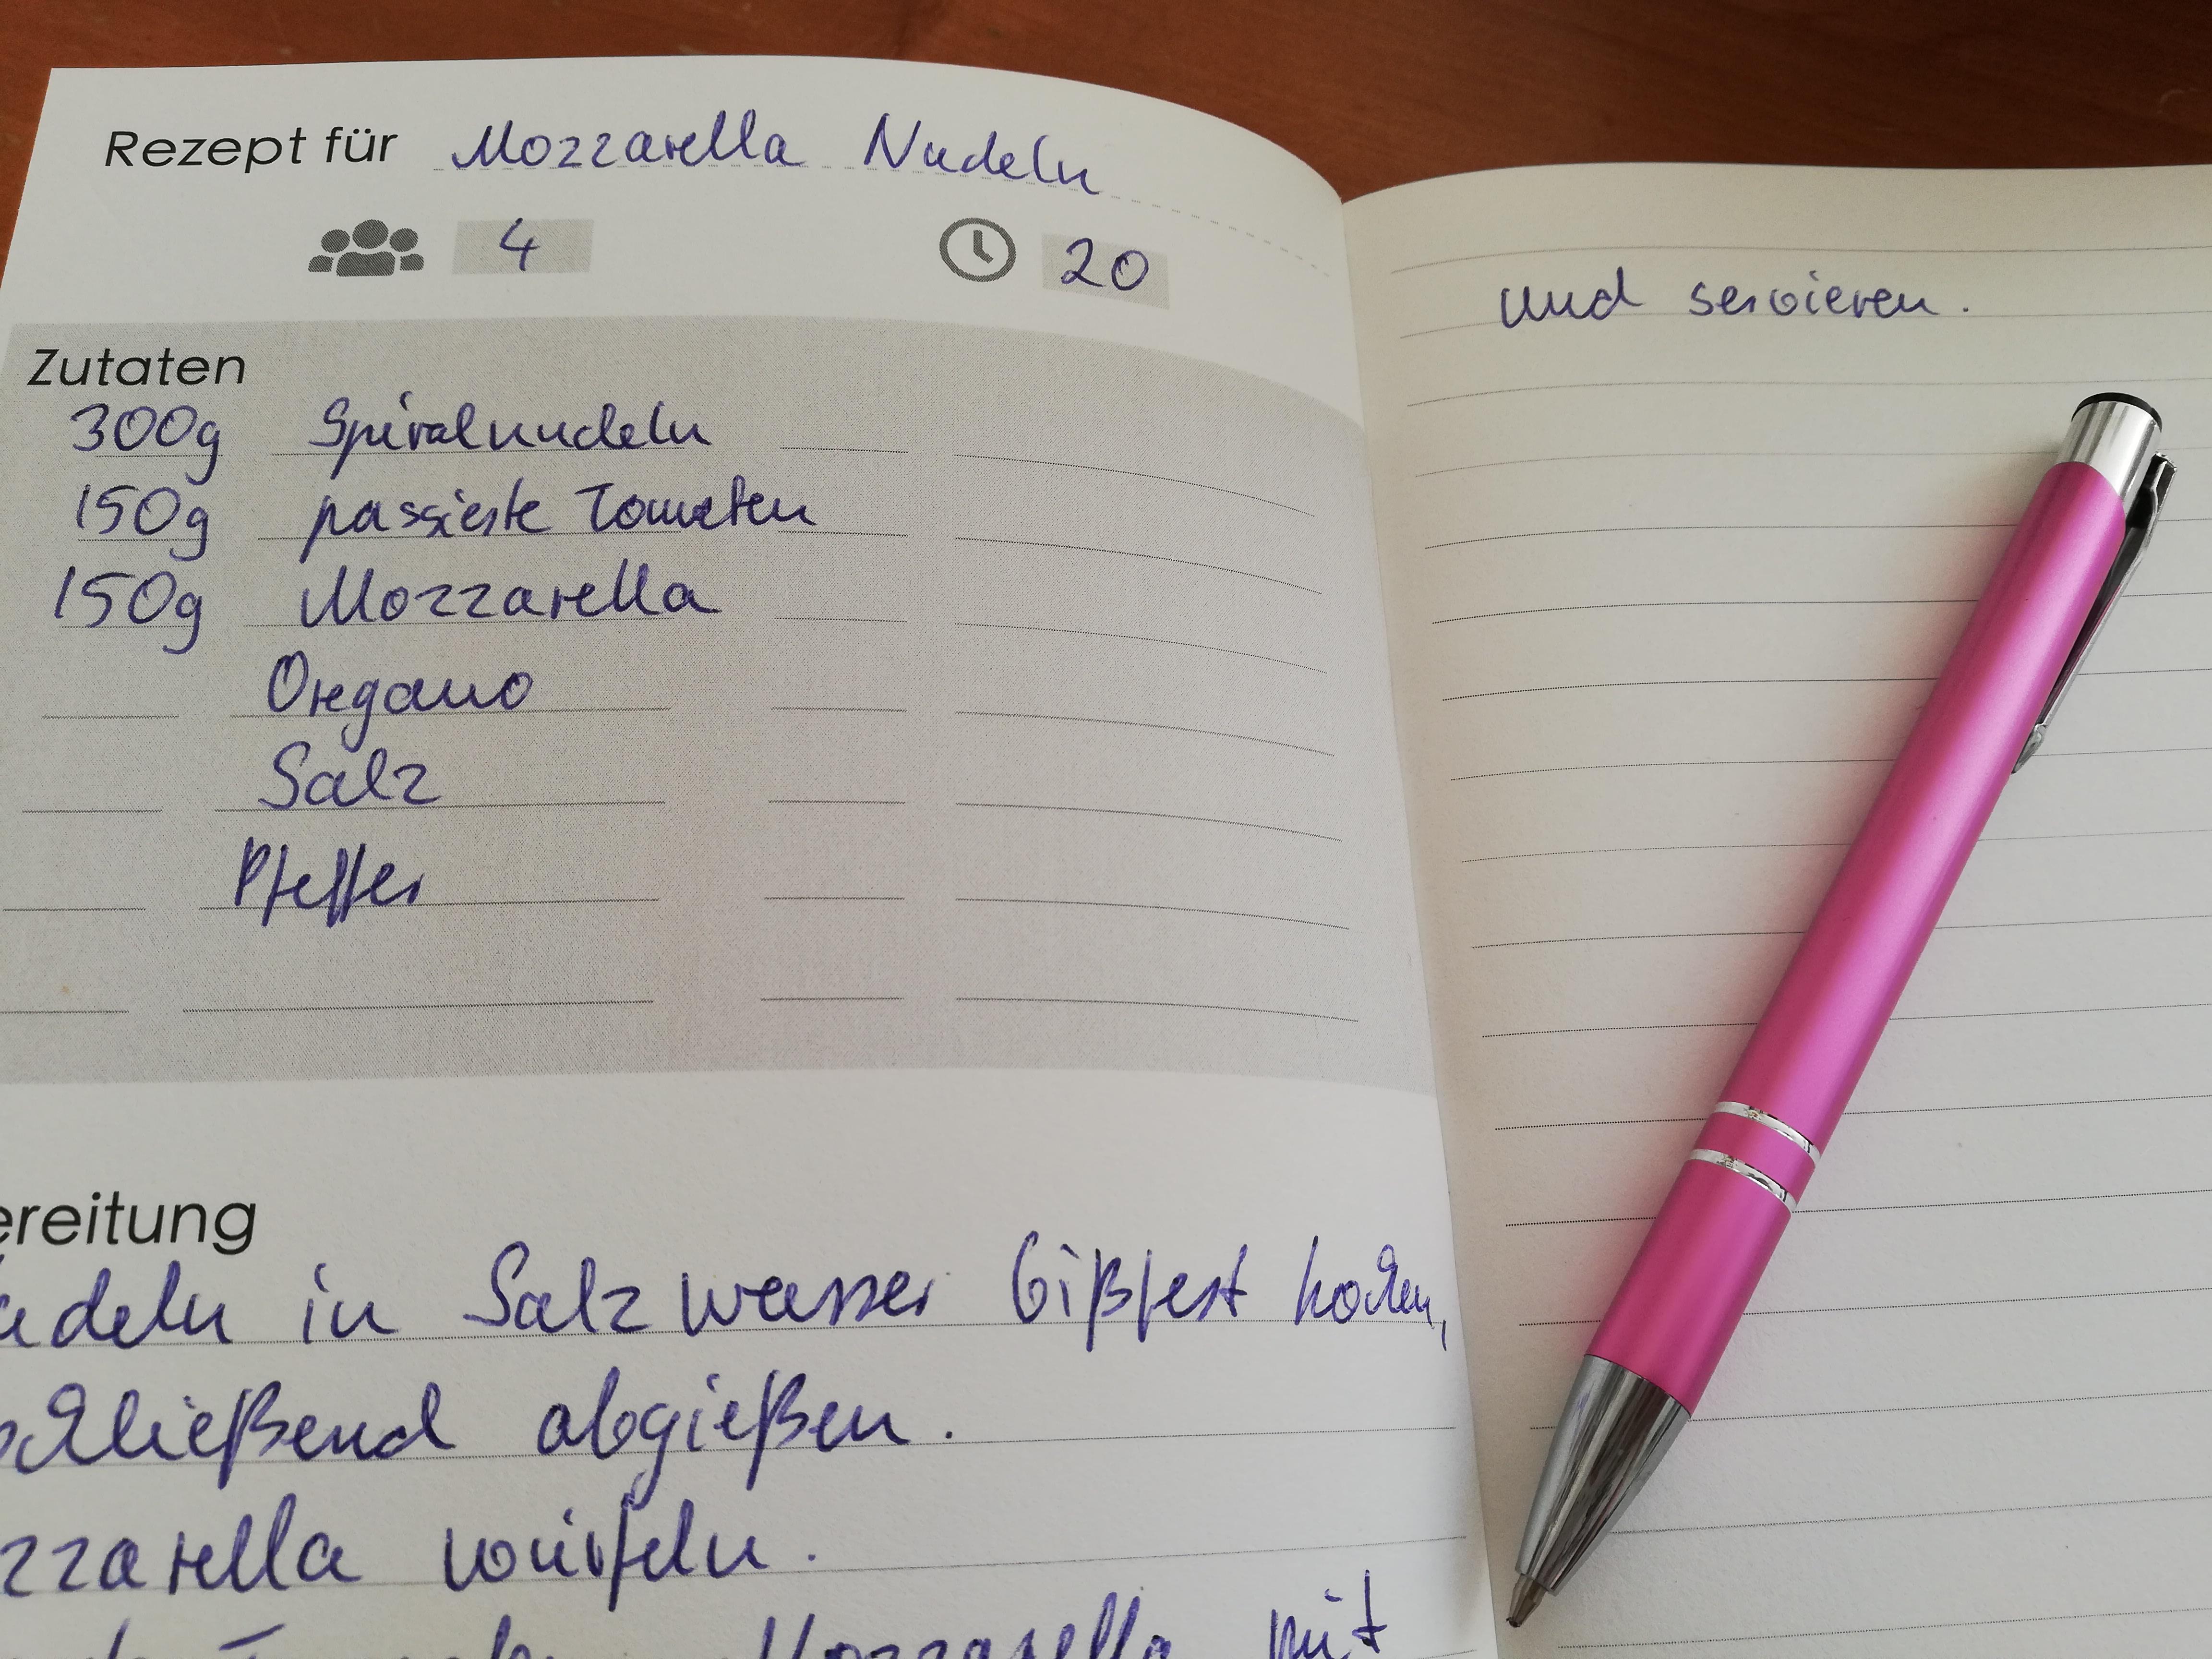 Rezepte selbst schreiben